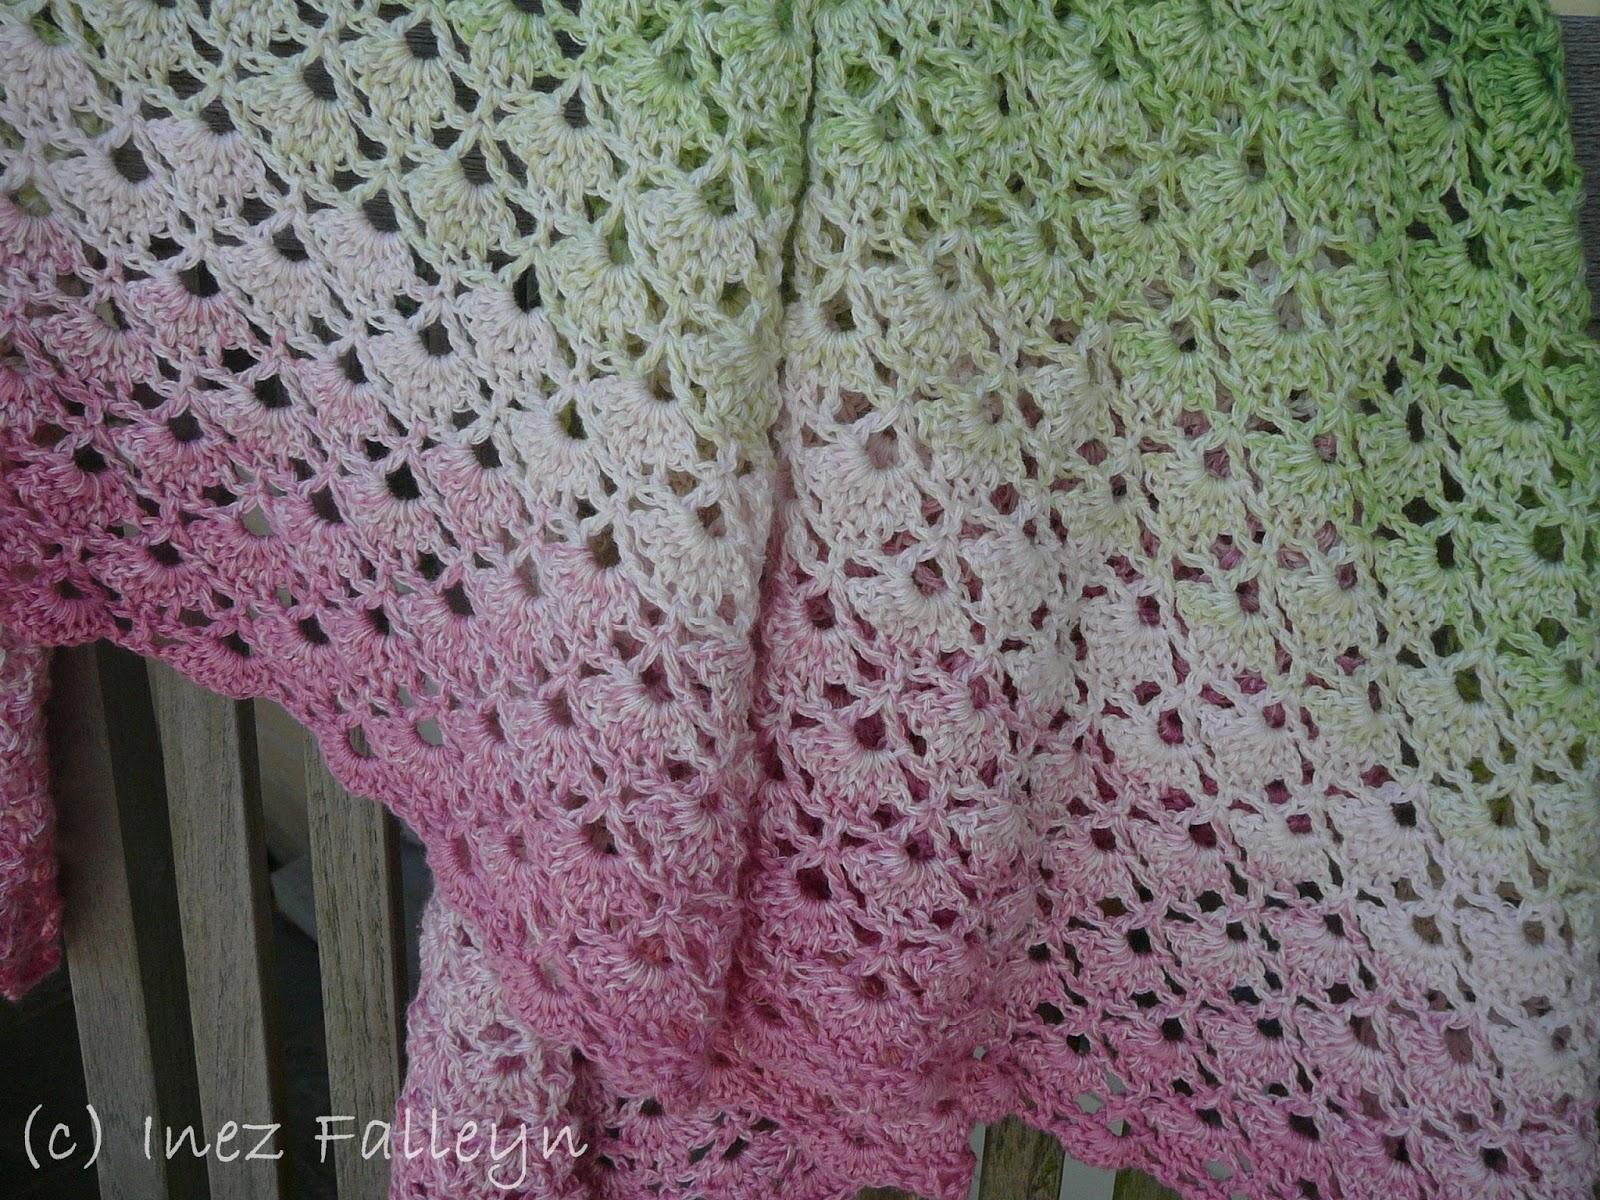 Extreem Crochet shawl - gehaakte omslagdoek   Ineseda KC33